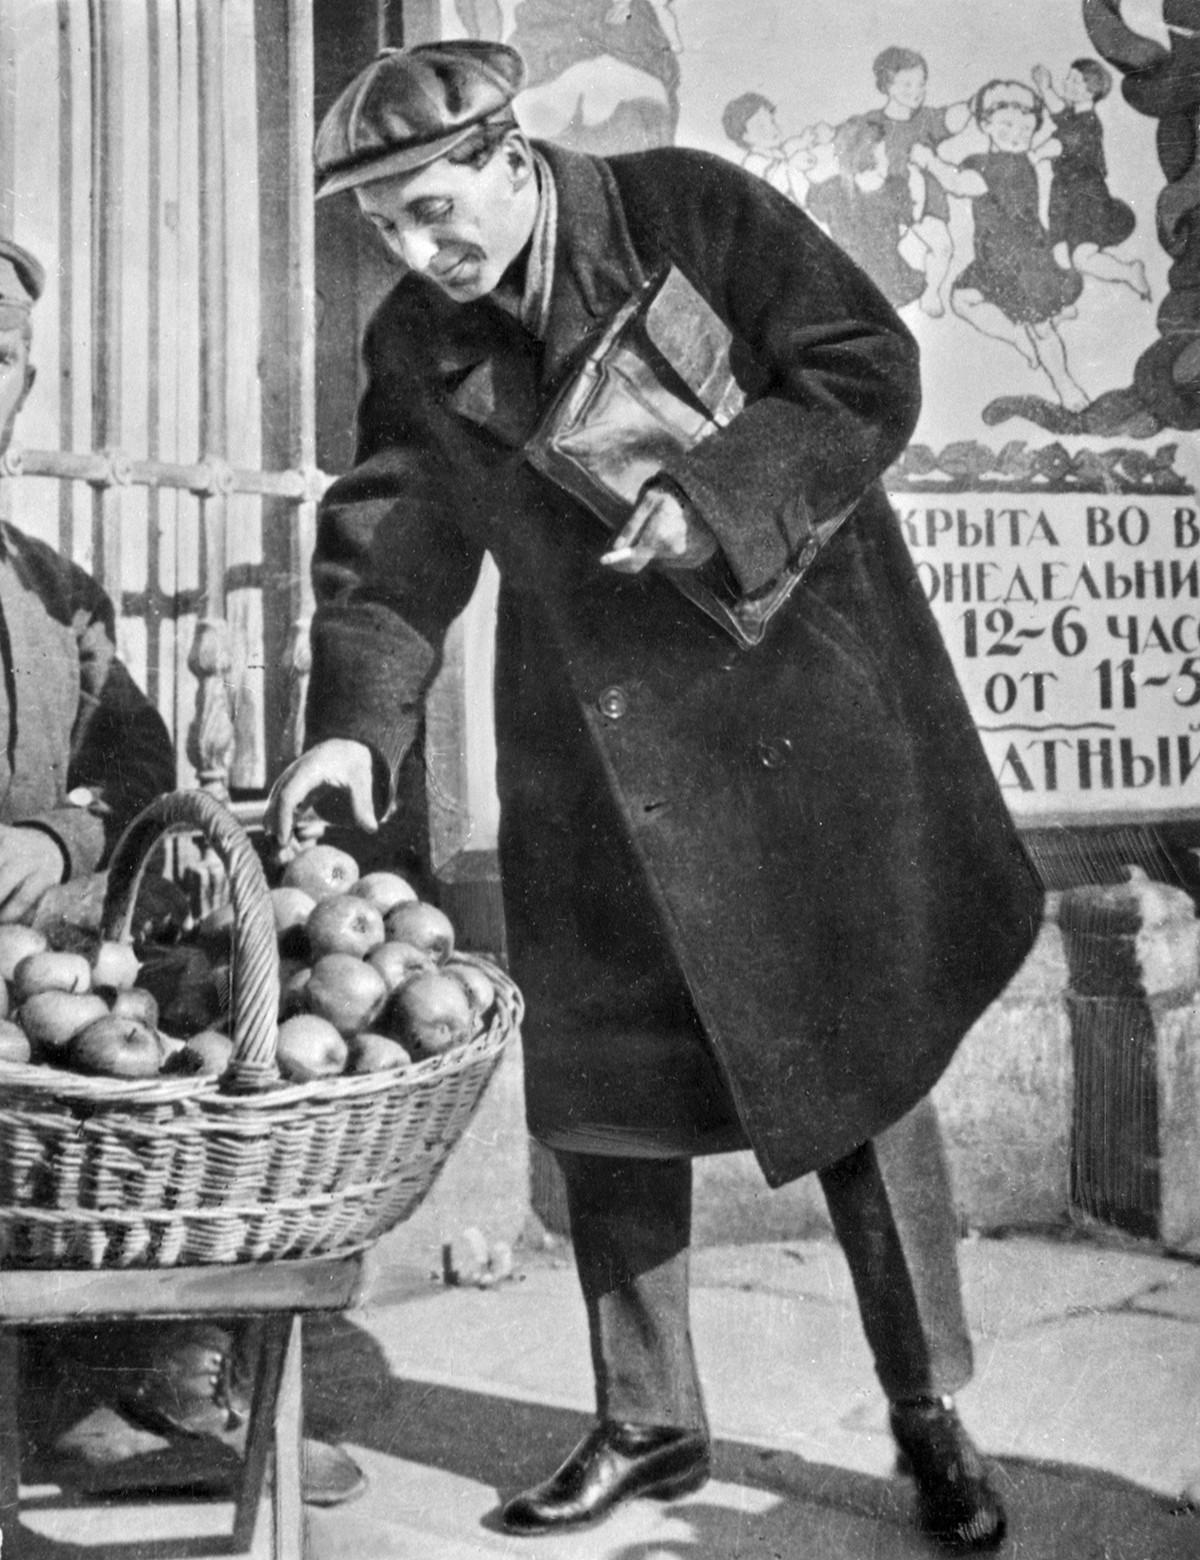 Михаил Зощенко, 1923 год. Из фотоальбома «Эпоха Октября: время в образах» Литературная газета. II выпуск